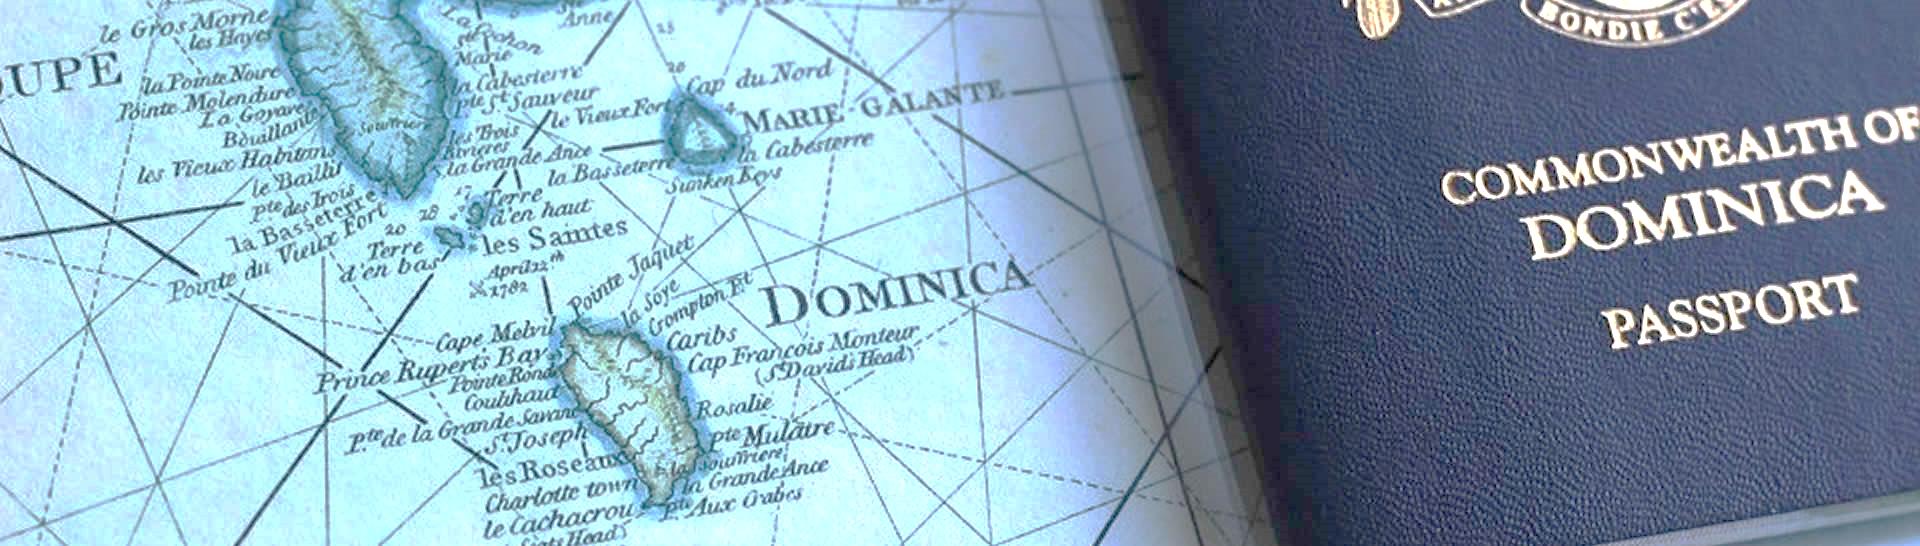 برنامه اعطای تابعیت در مشترک المنافع دومینیکا